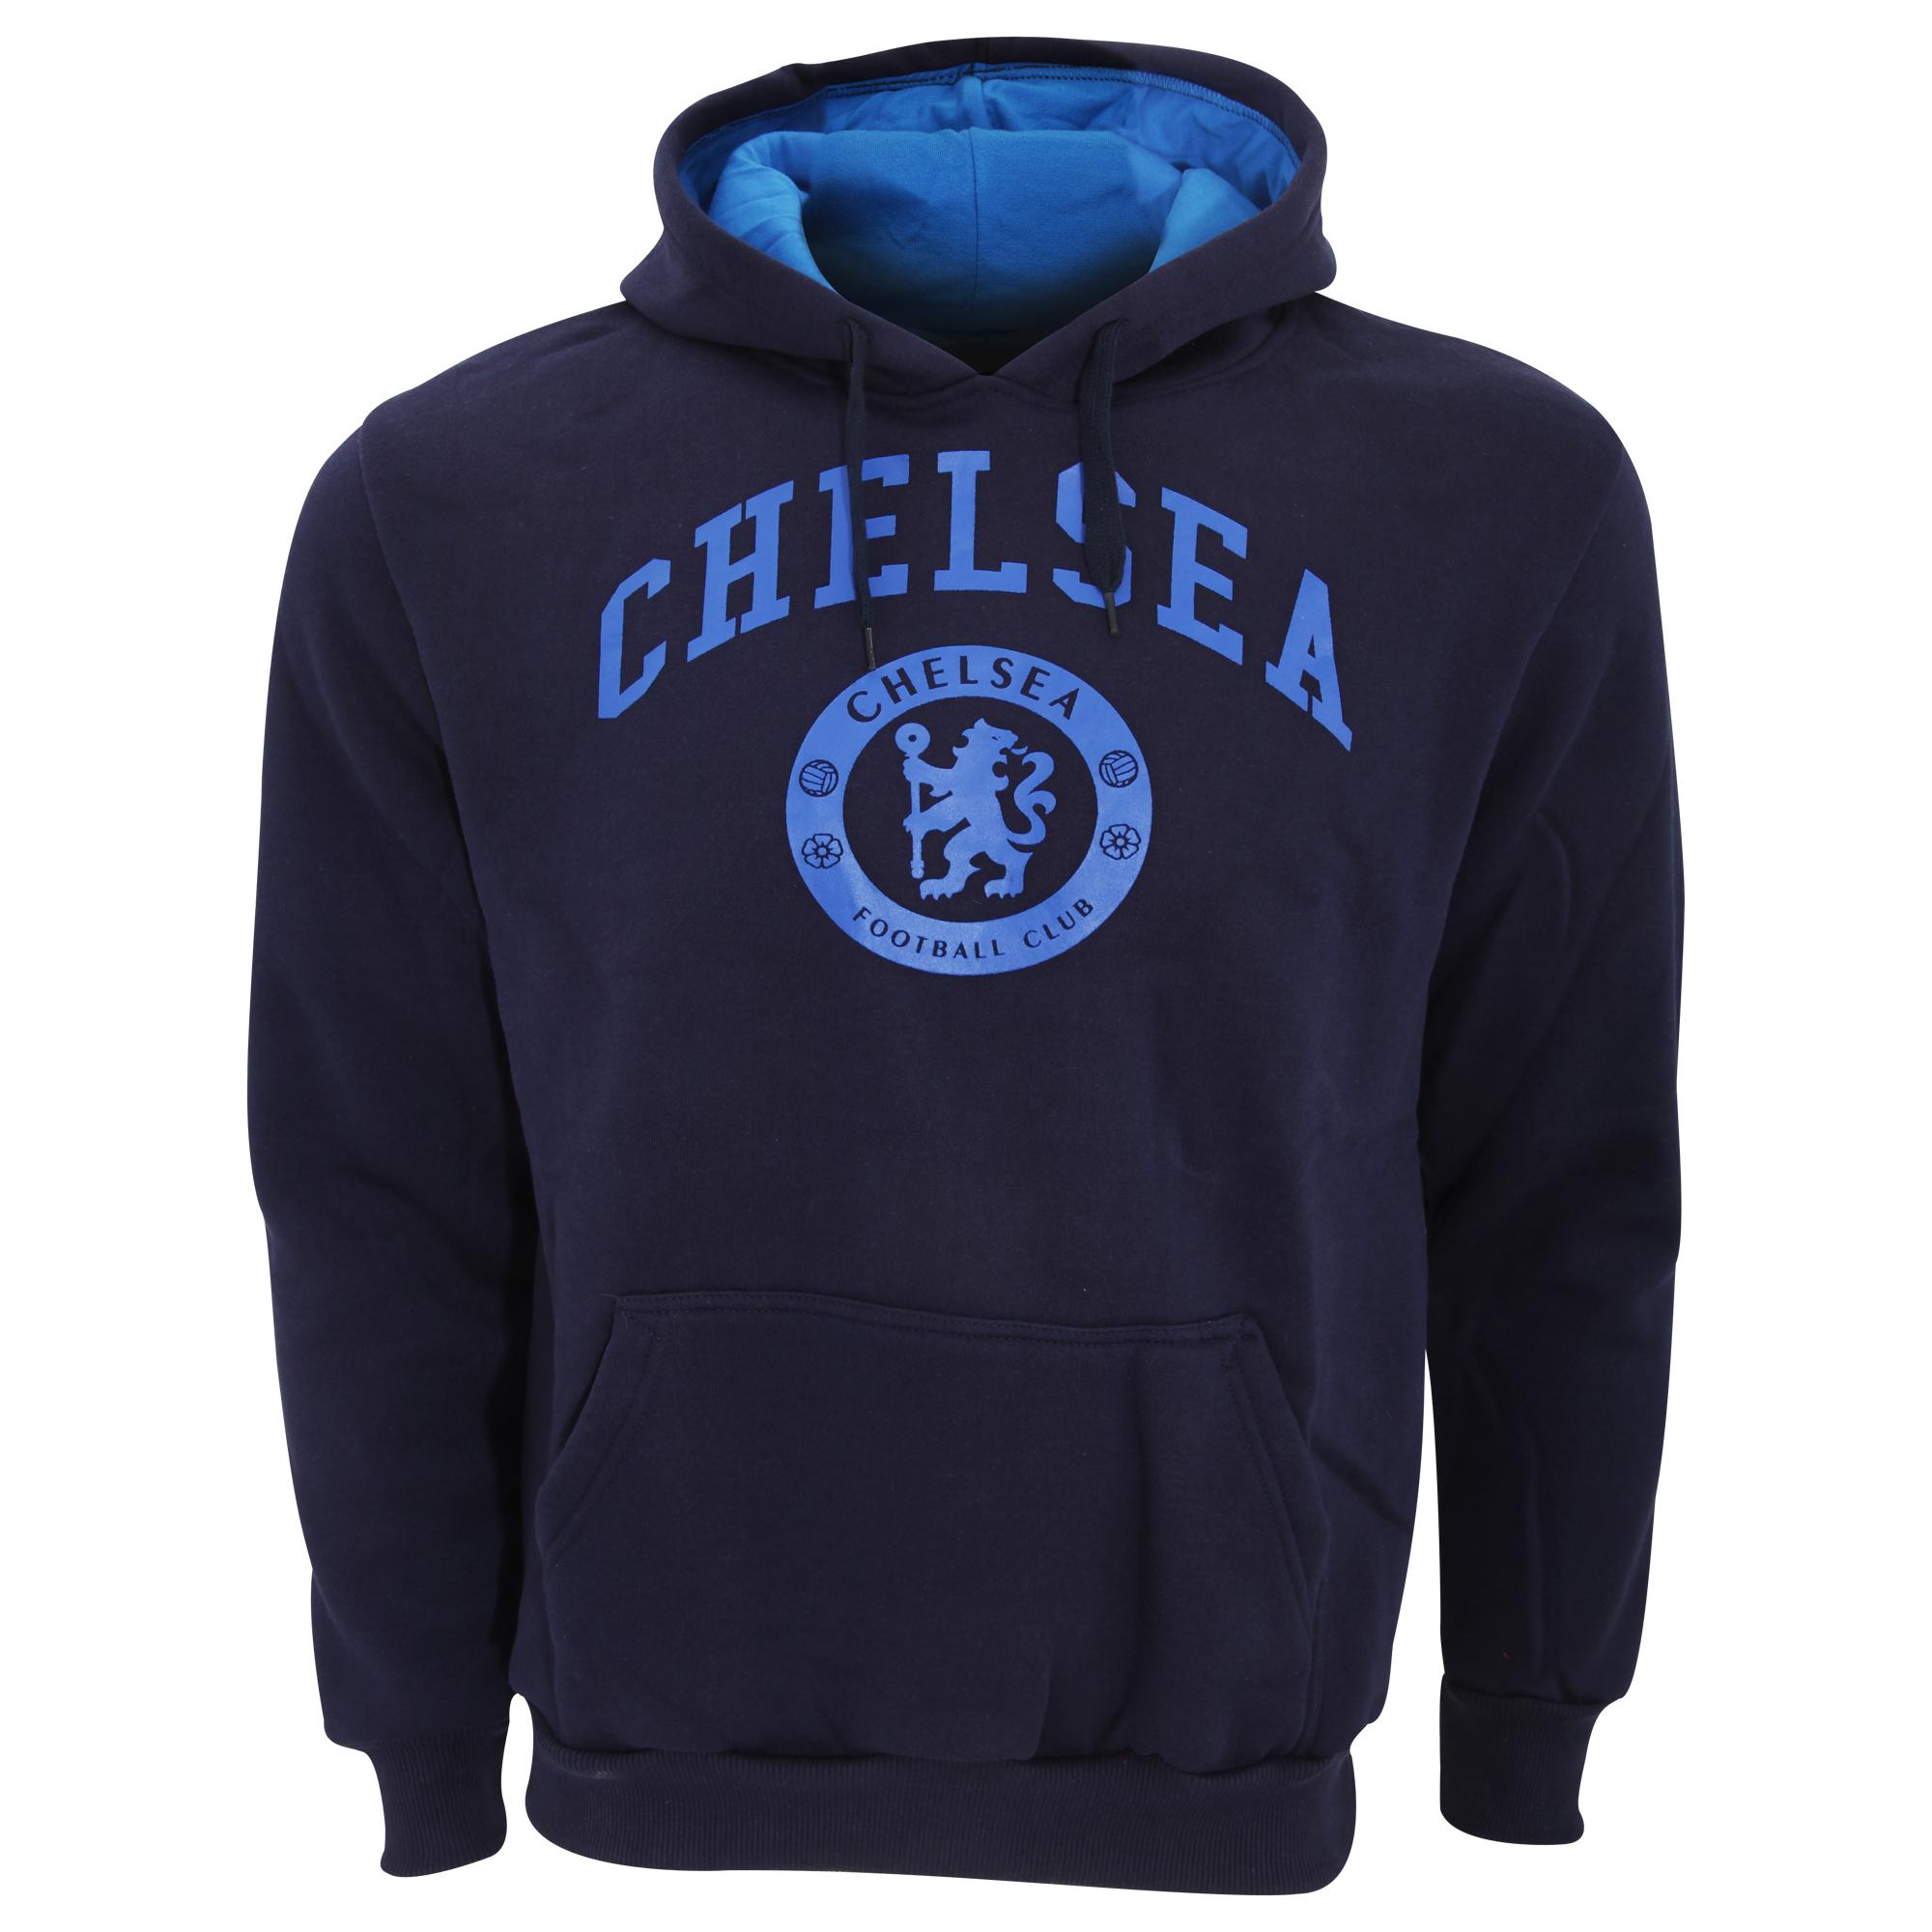 Chelsea fc hoodie